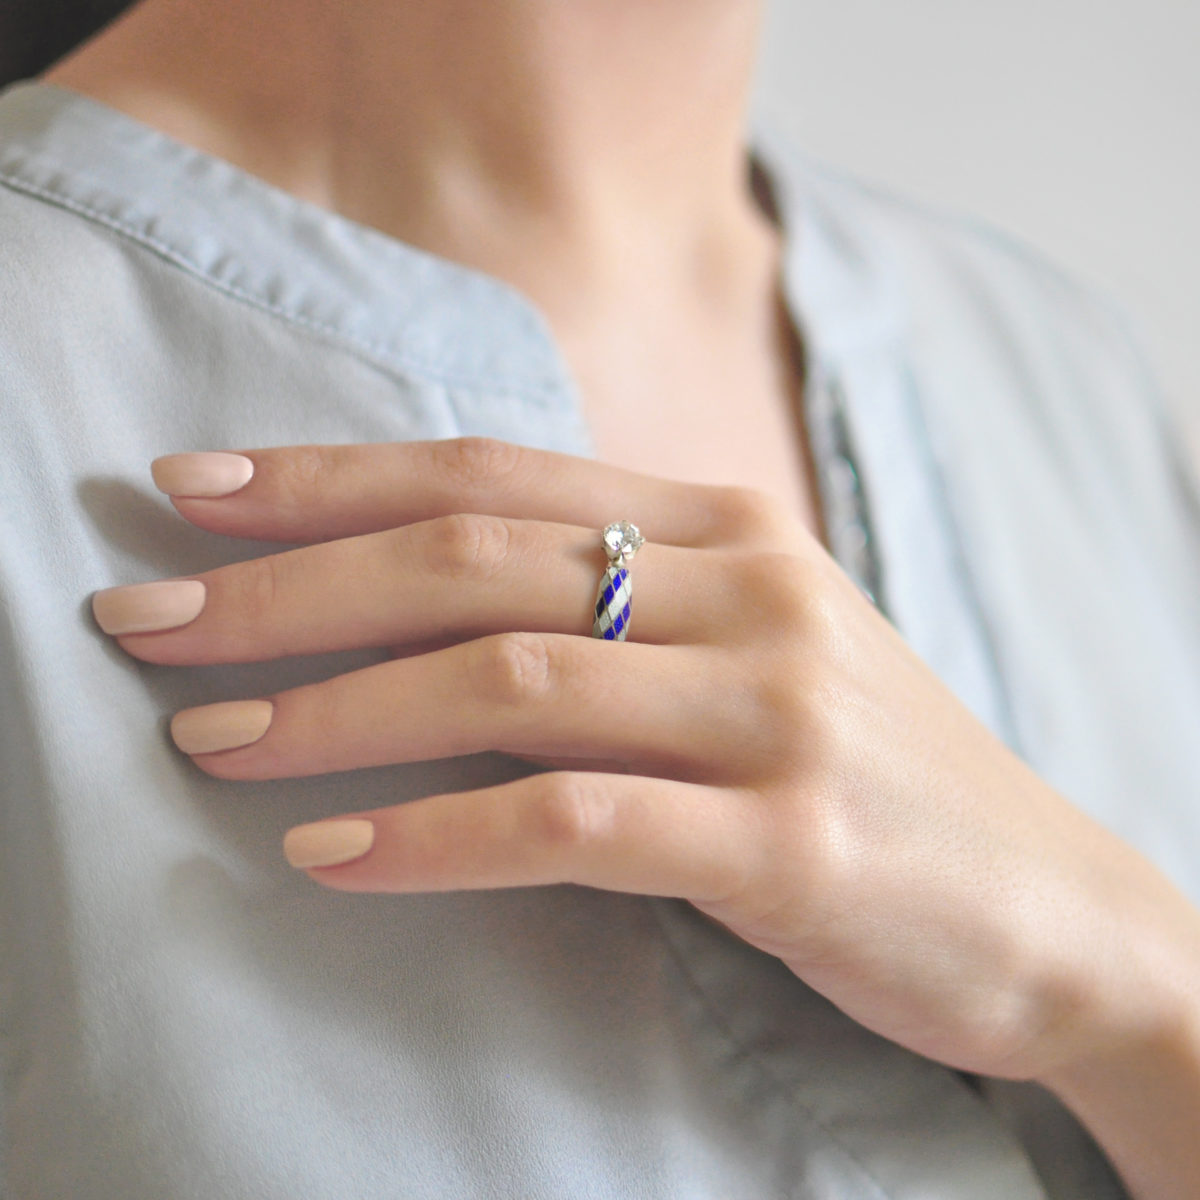 Serebro sine belaya 1200x1200 - Кольцо серебряное «Сердце», сине-белая с фианитами